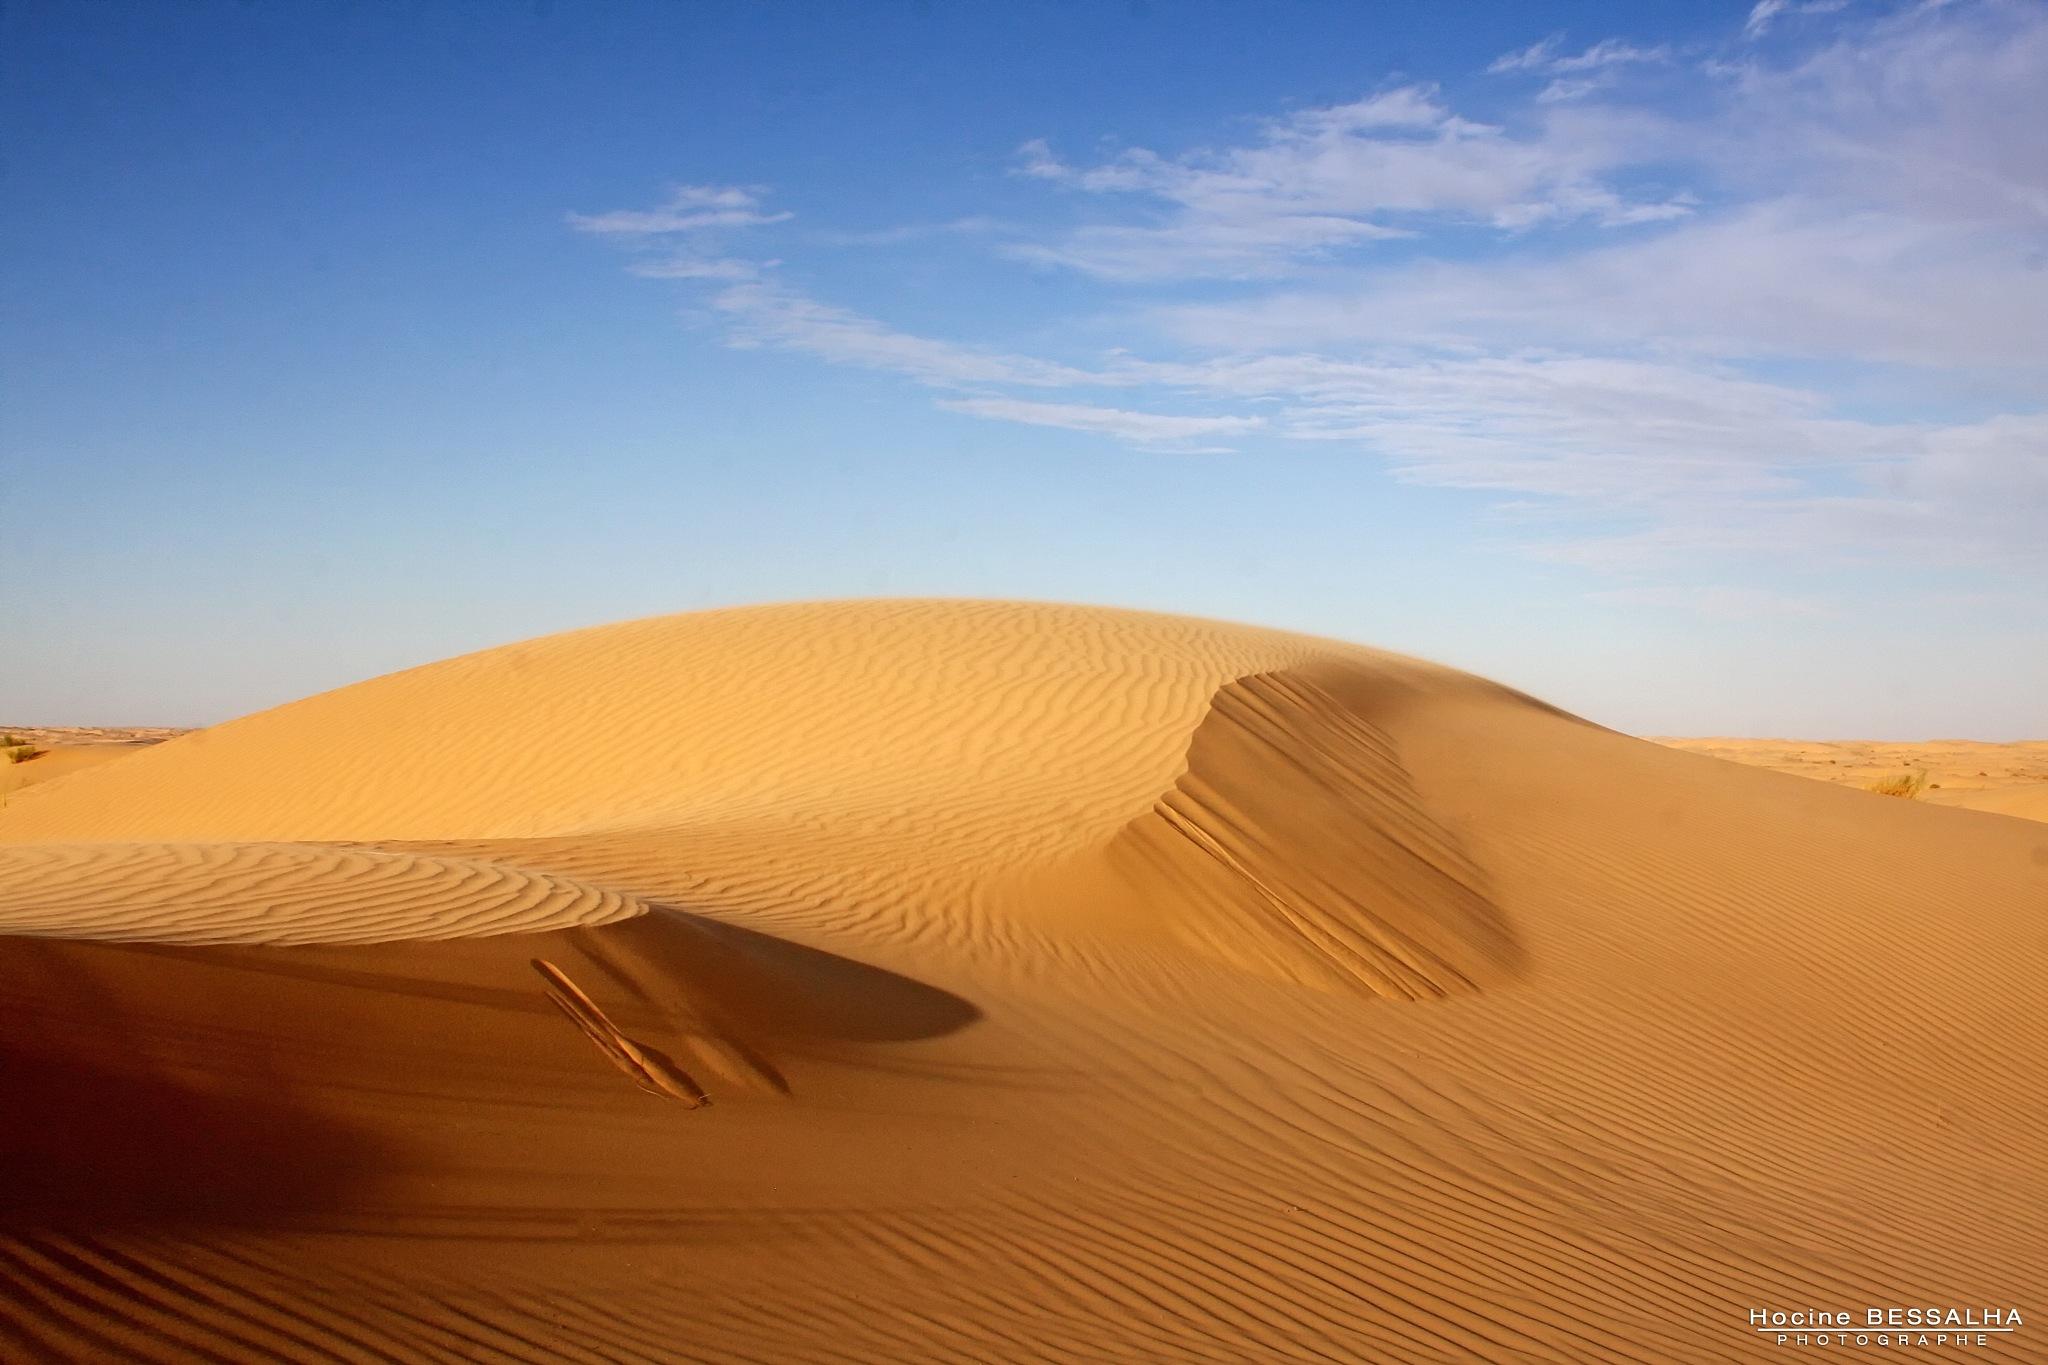 desert by Hocine Bessalha